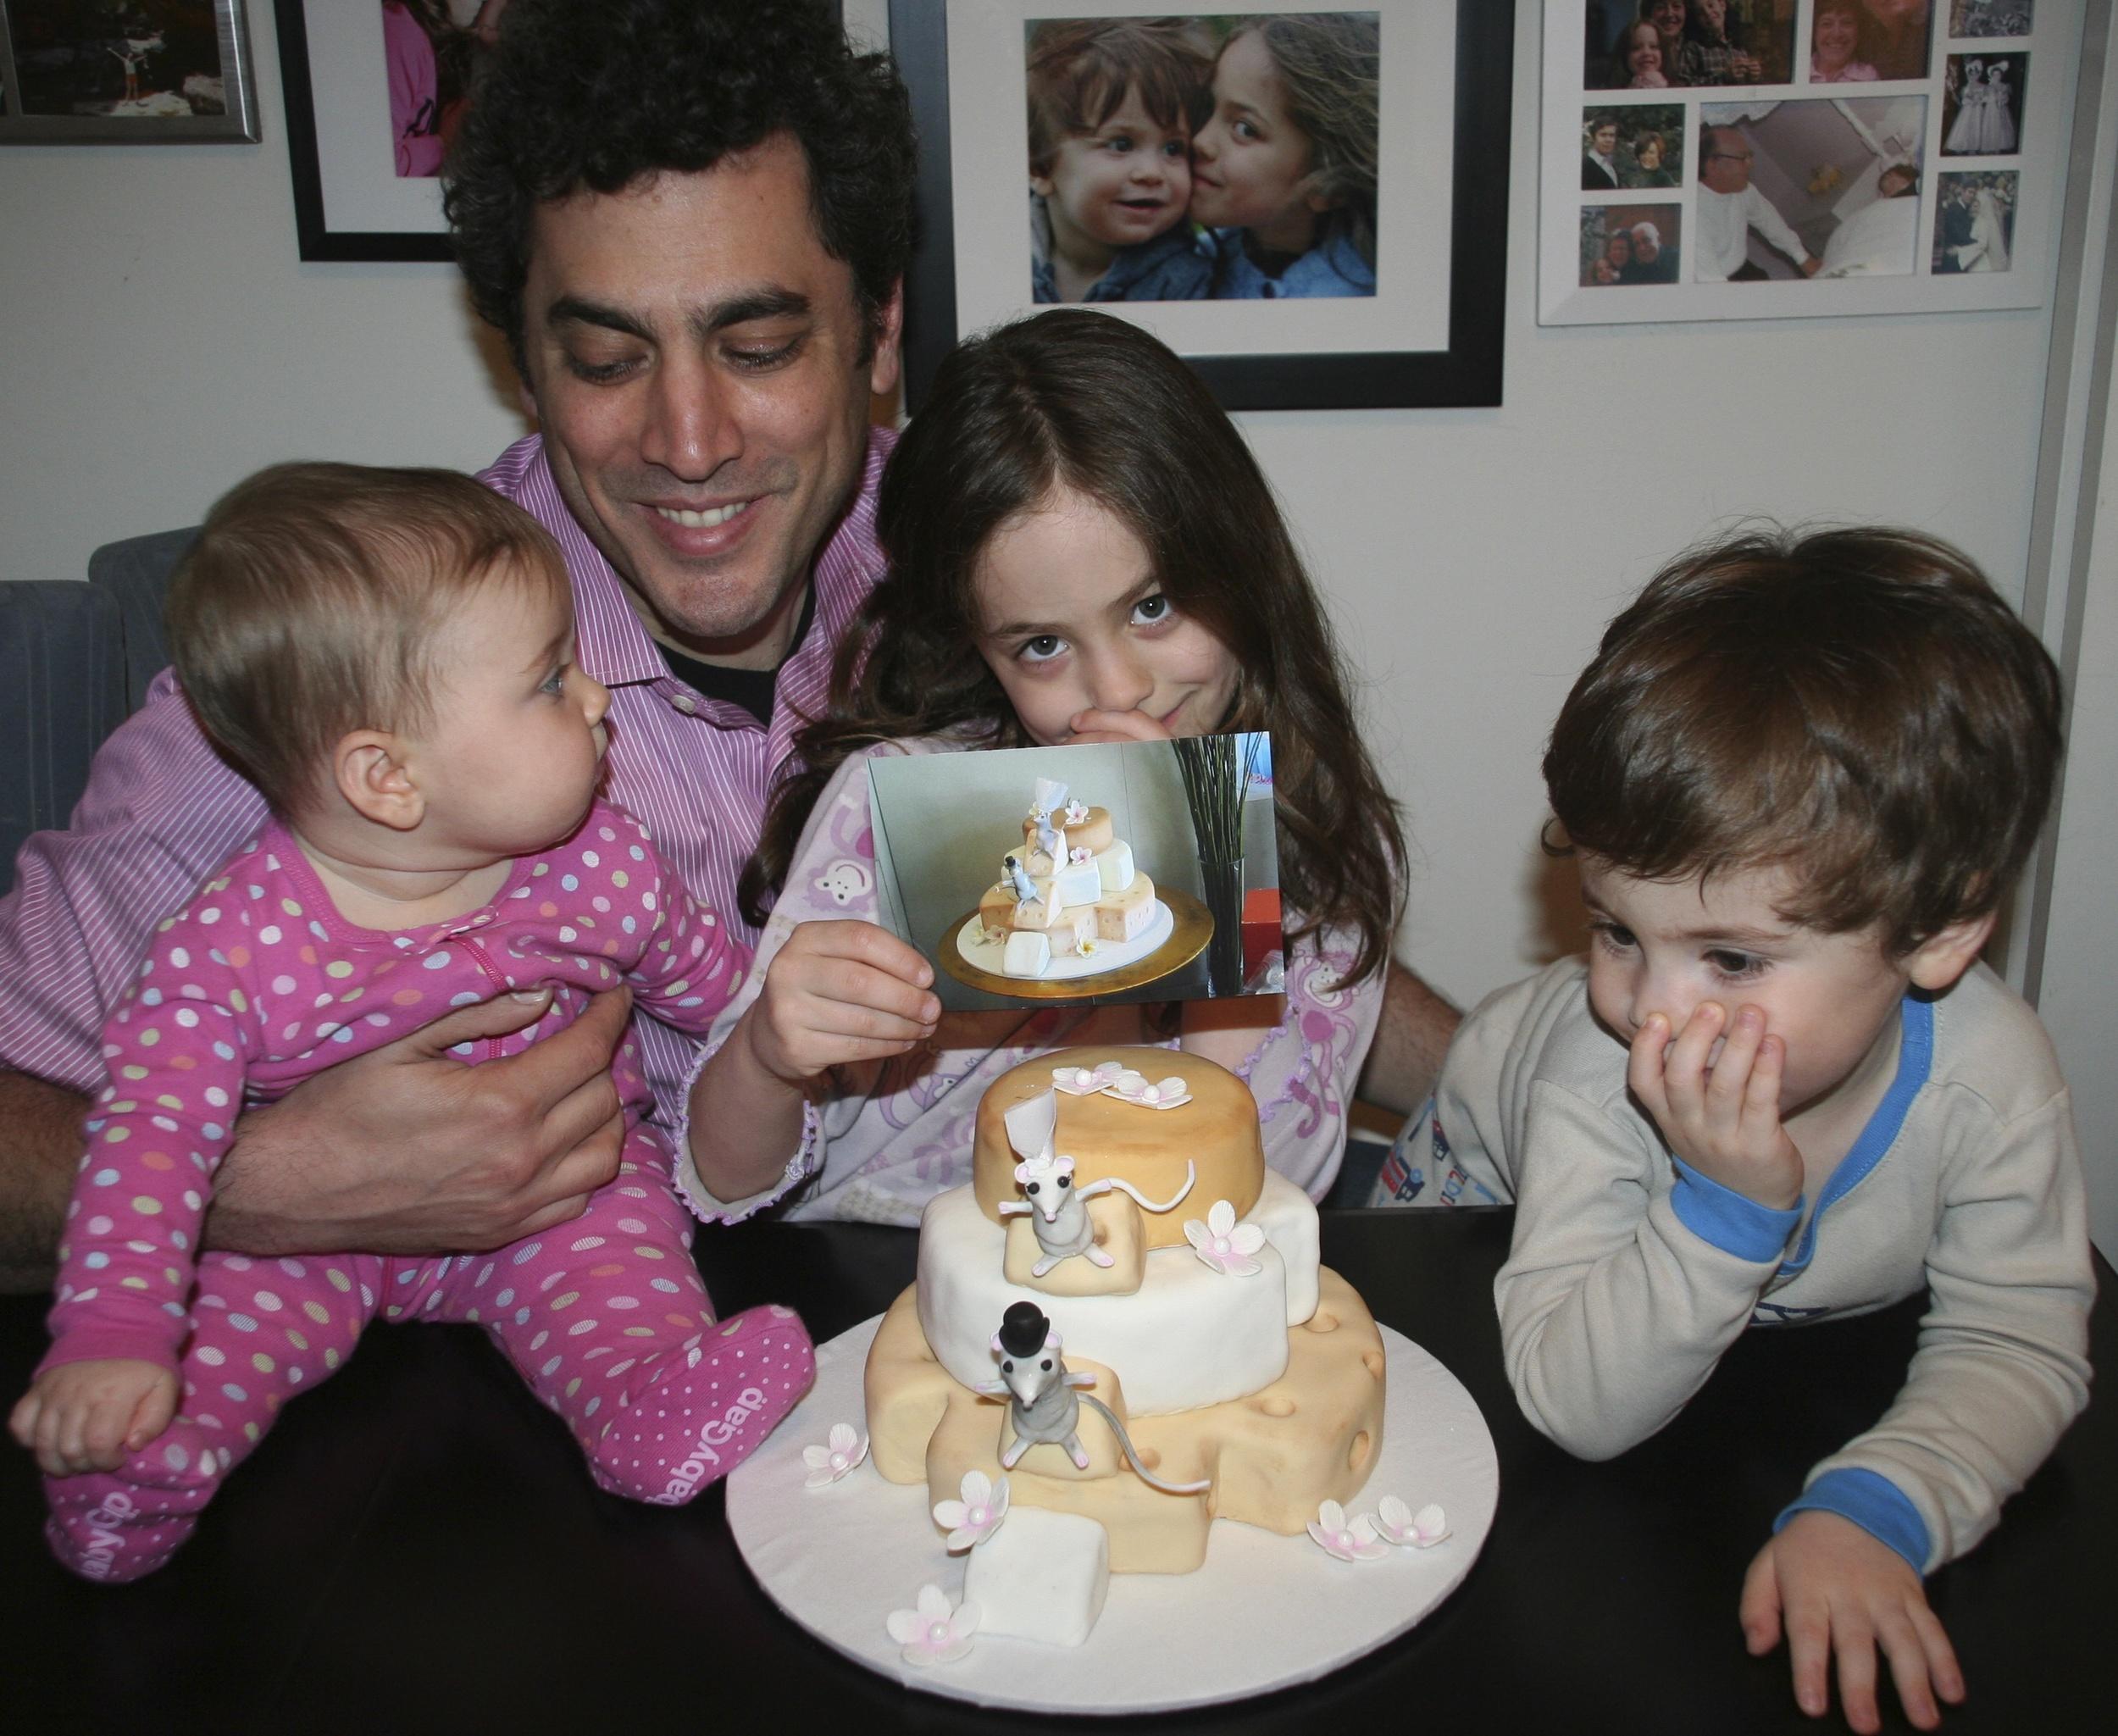 family cake pic.JPG